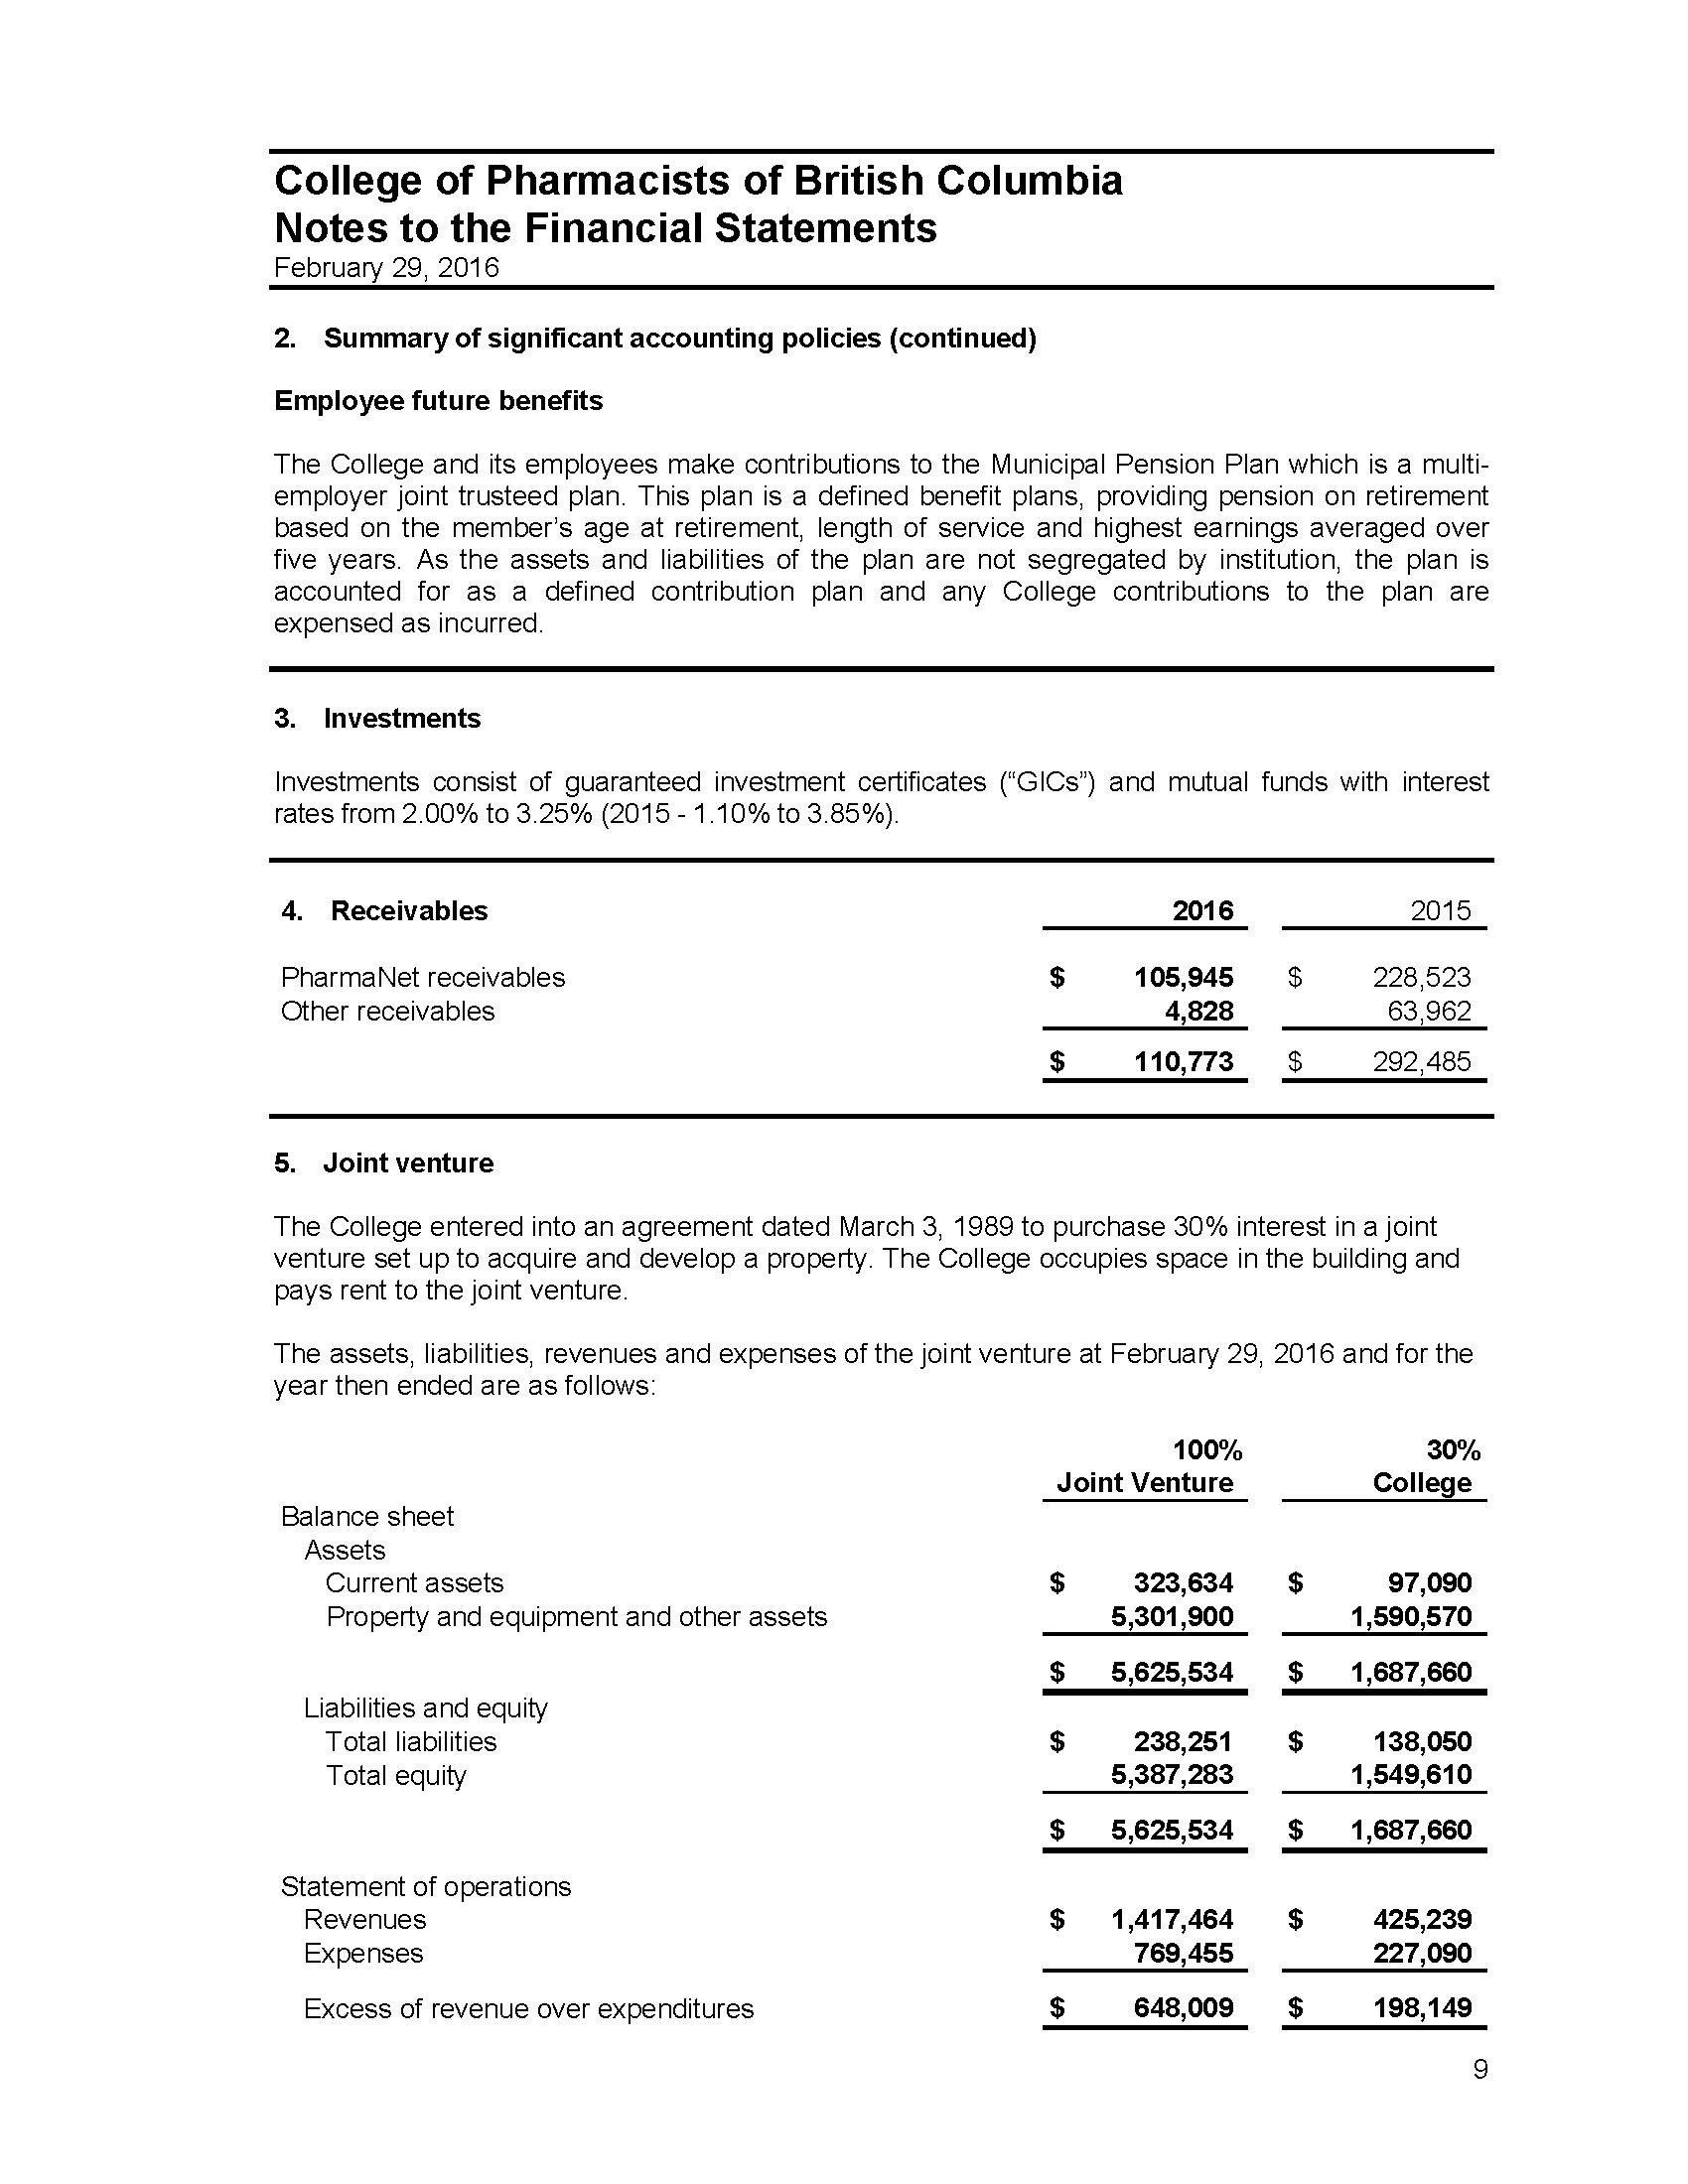 CPBC_Financials_11